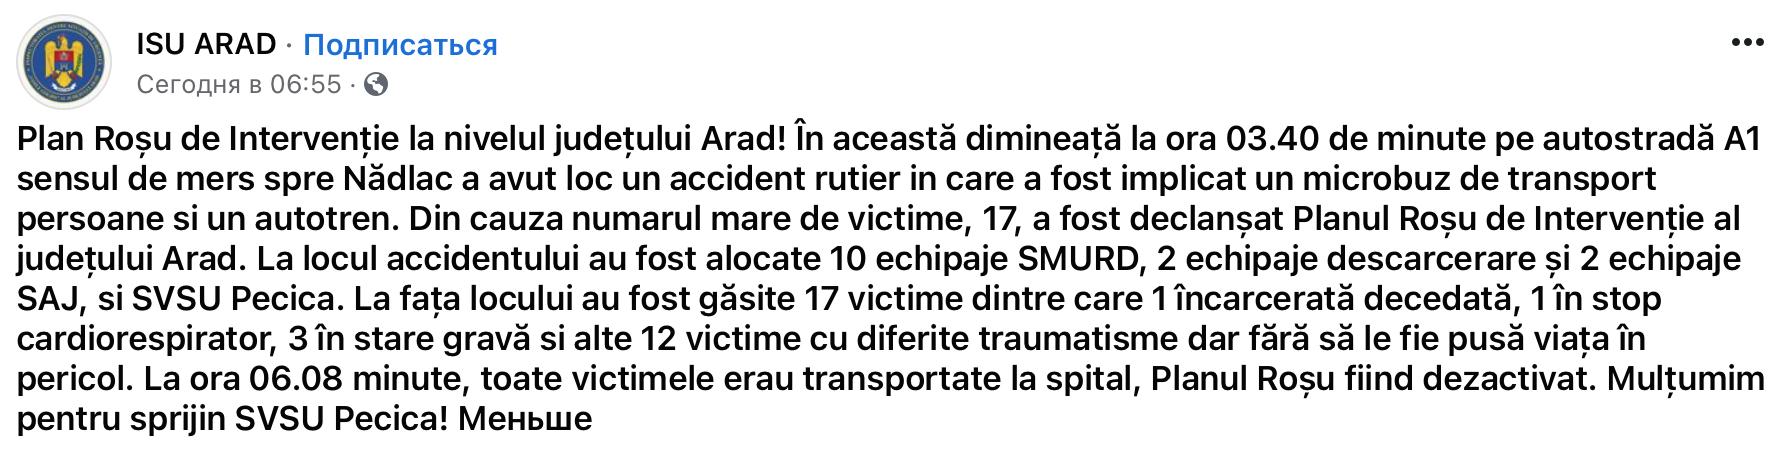 У Румунії розбився автобус з українцями: двоє загинули, ще двоє у важкому стані